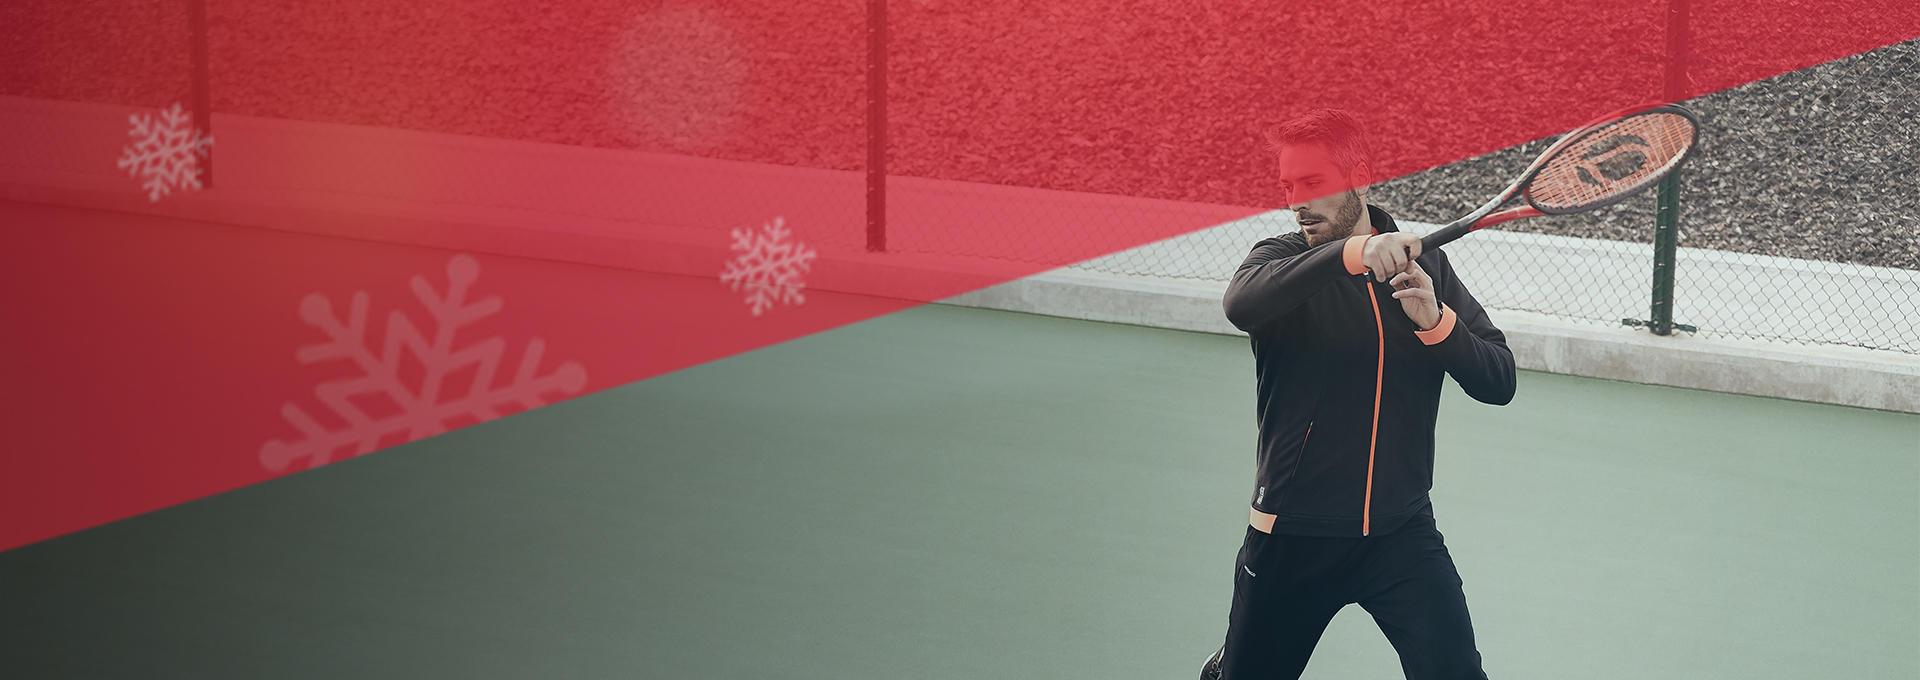 cadeaux noël tennis